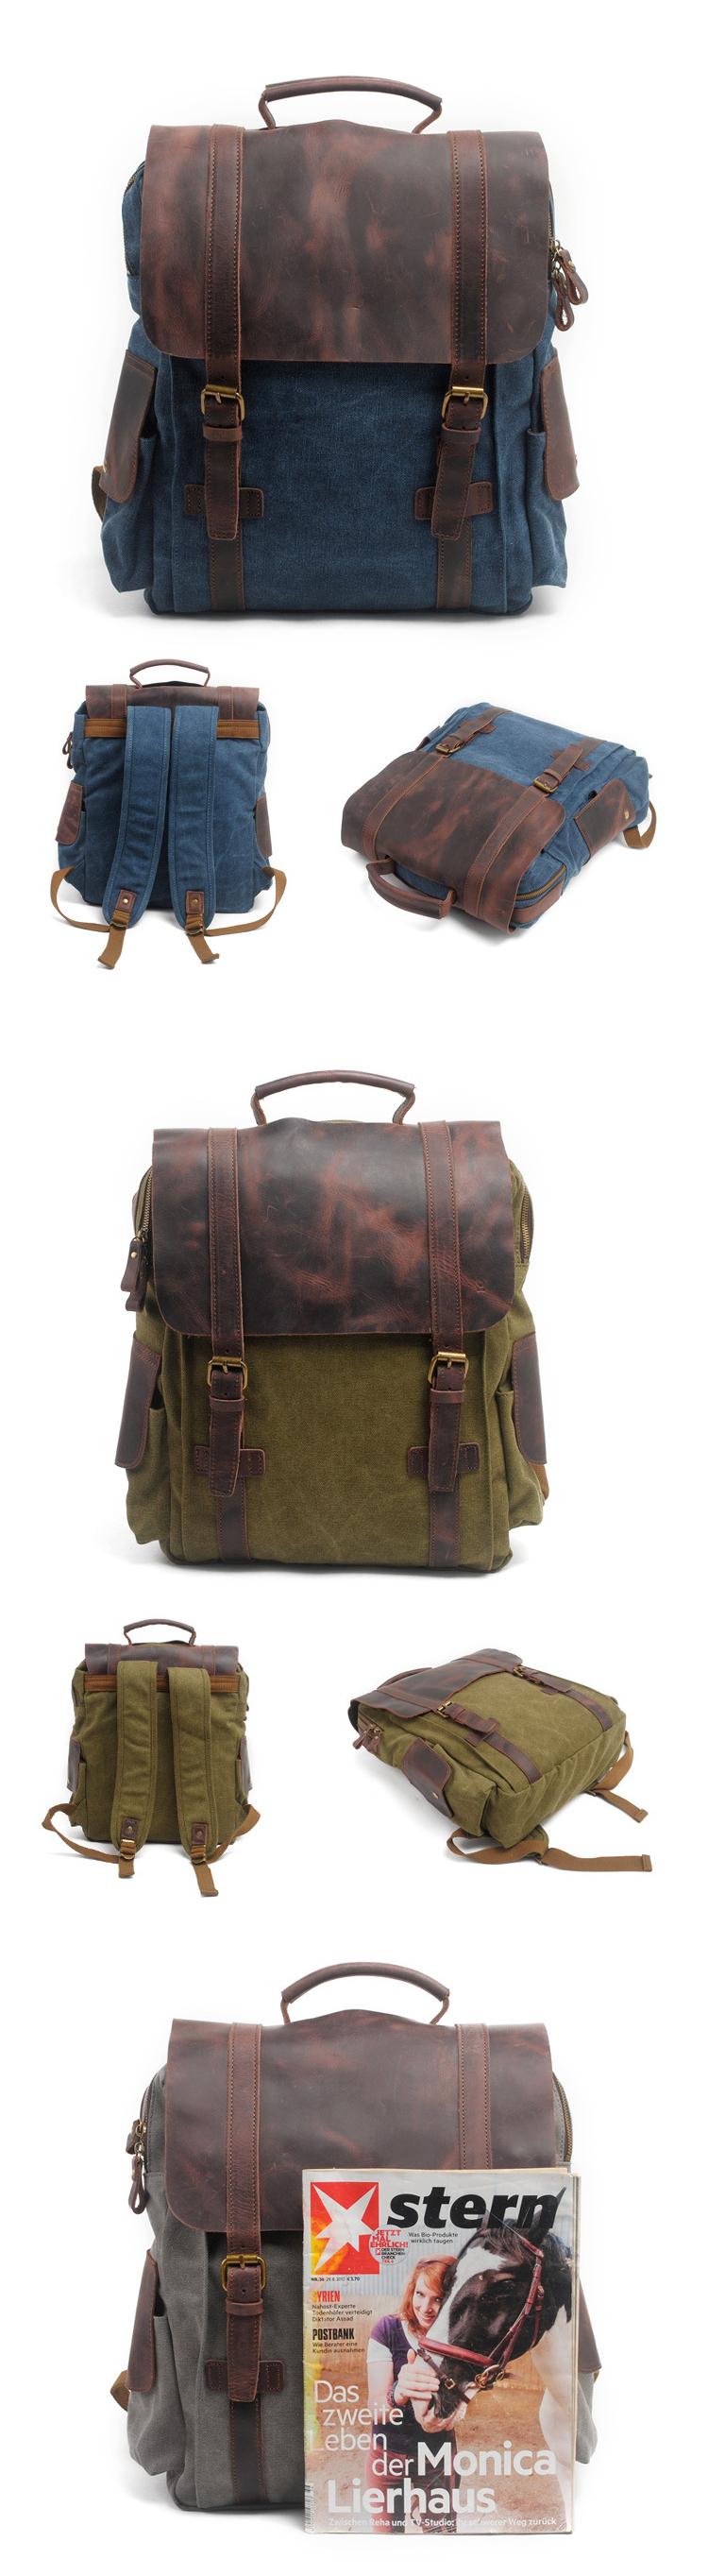 The latest elegant vintage crazy horse leather cotton canvas unisex satchel rucksack school back pack backpack bag